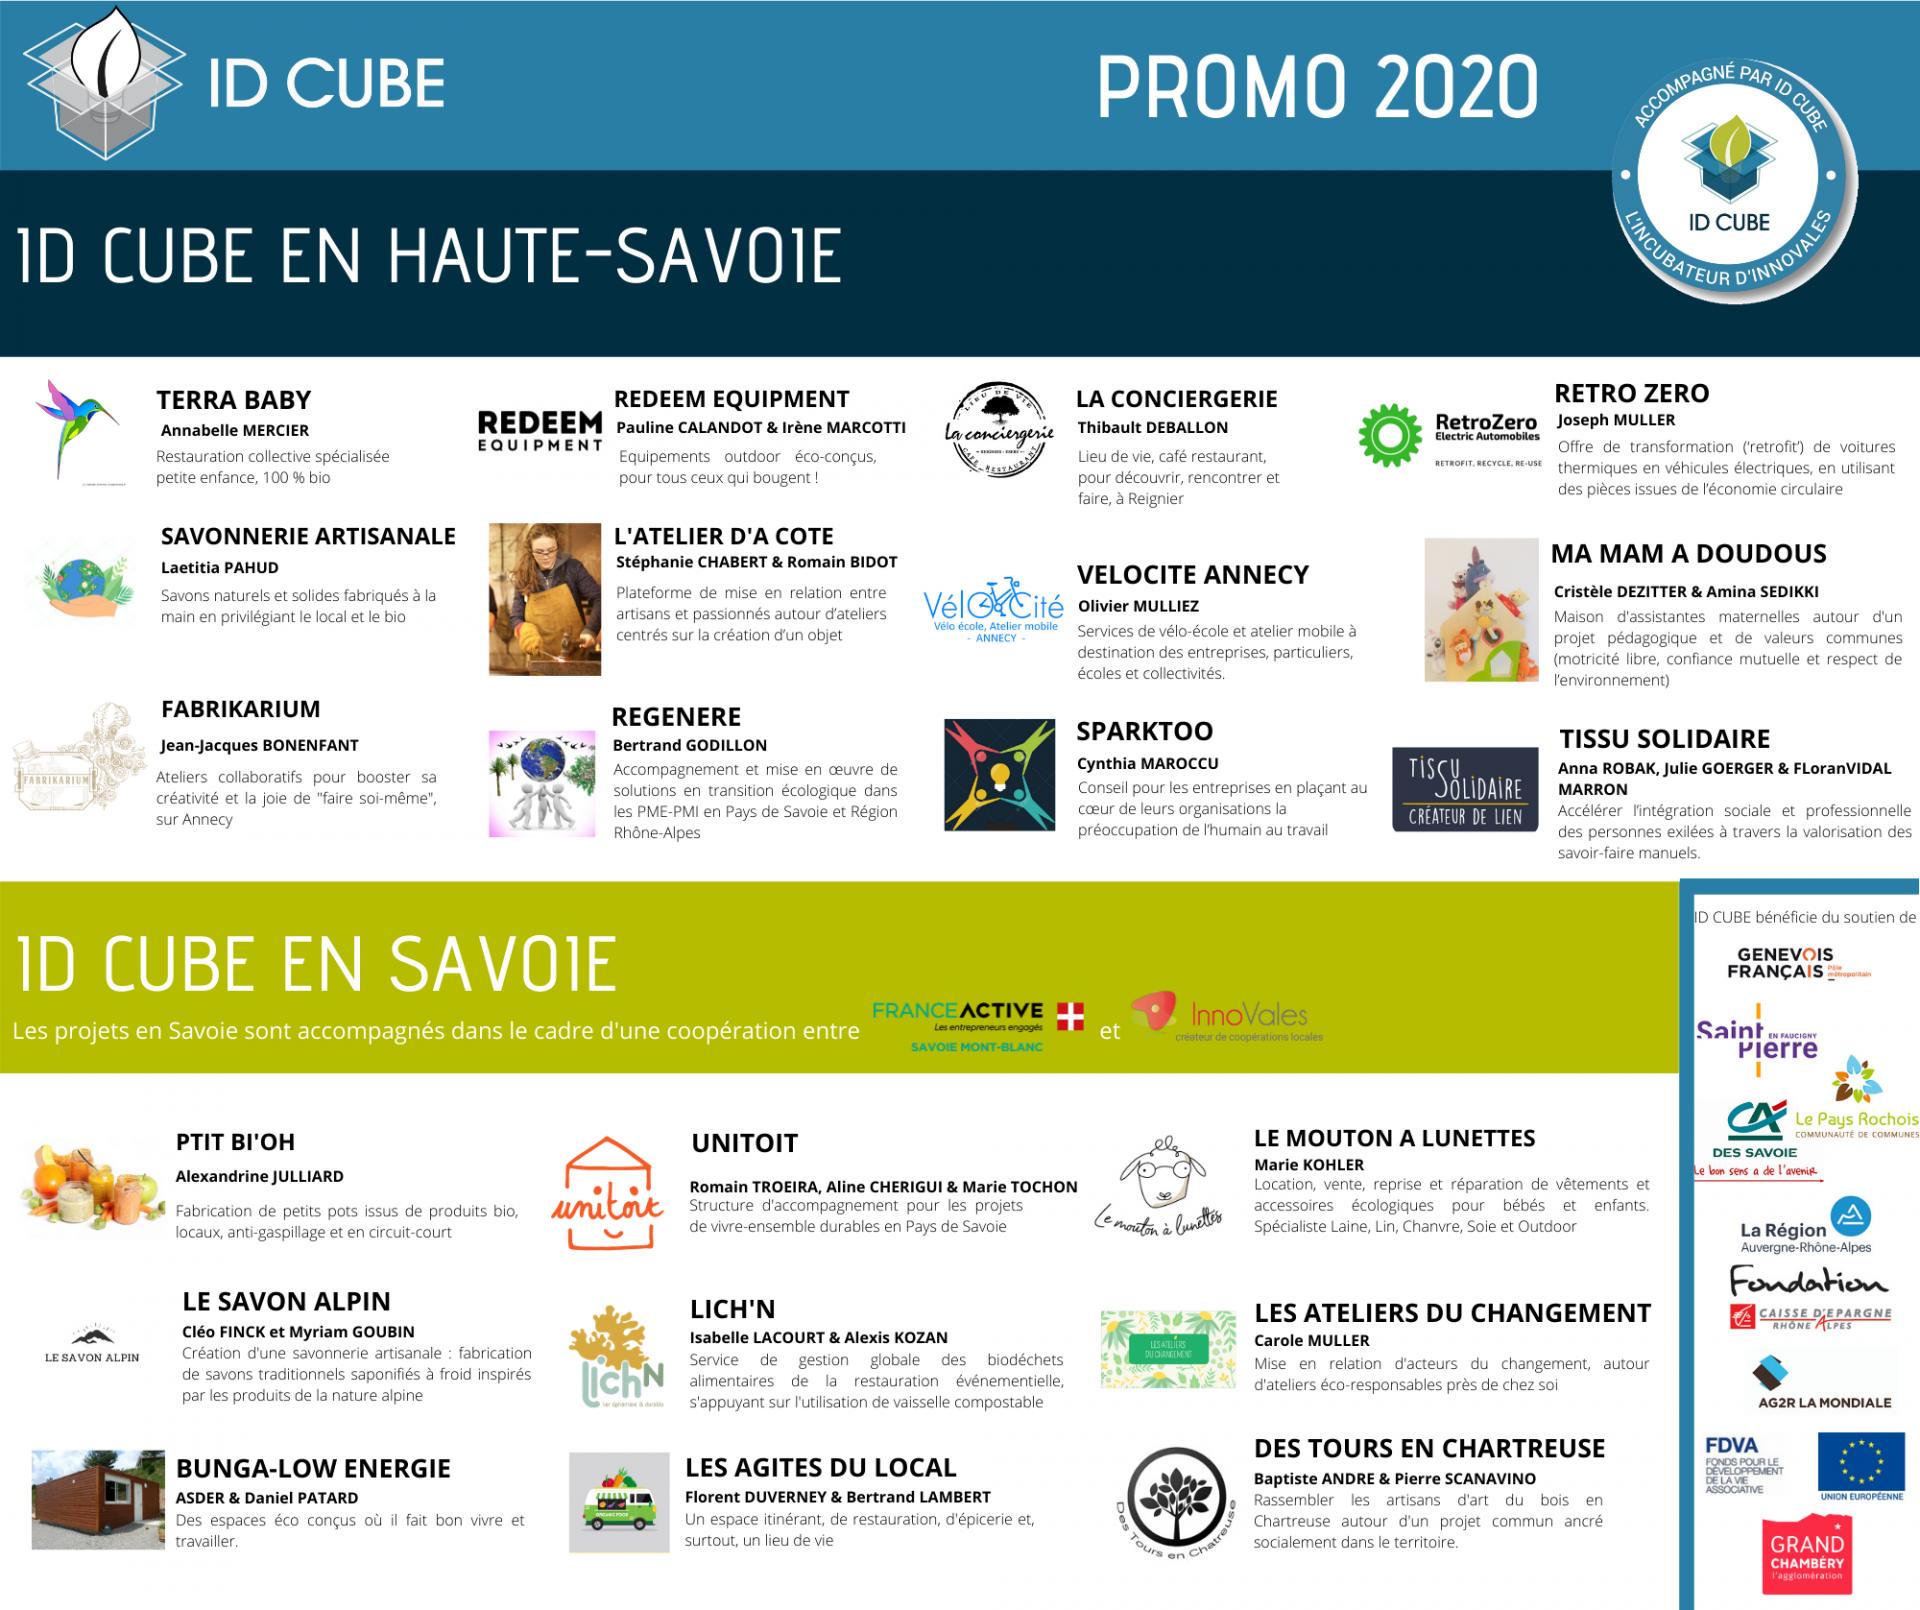 ID CUBE EN HAUTE SAVOIE 4 - L'incubateur d'entreprises à fort impact social et environnemental ID CUBE a recruté sa promotion 2020 !